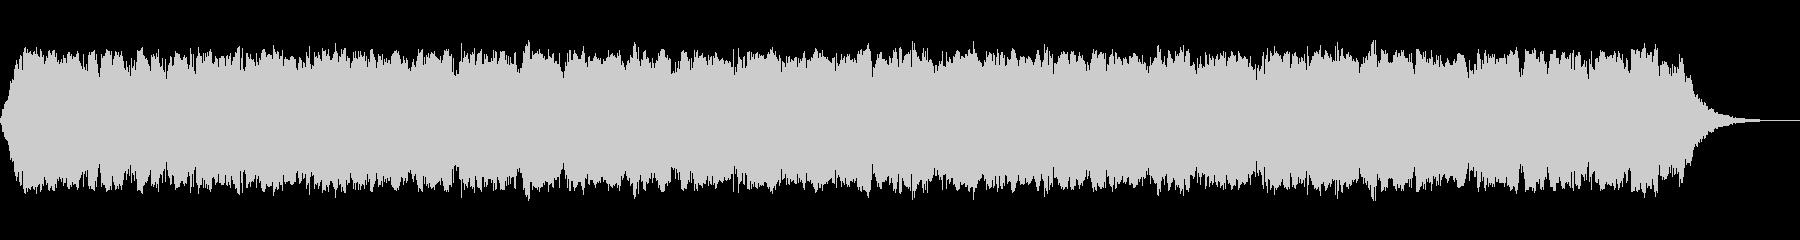 低音シンセドローン、SCI FIス...の未再生の波形